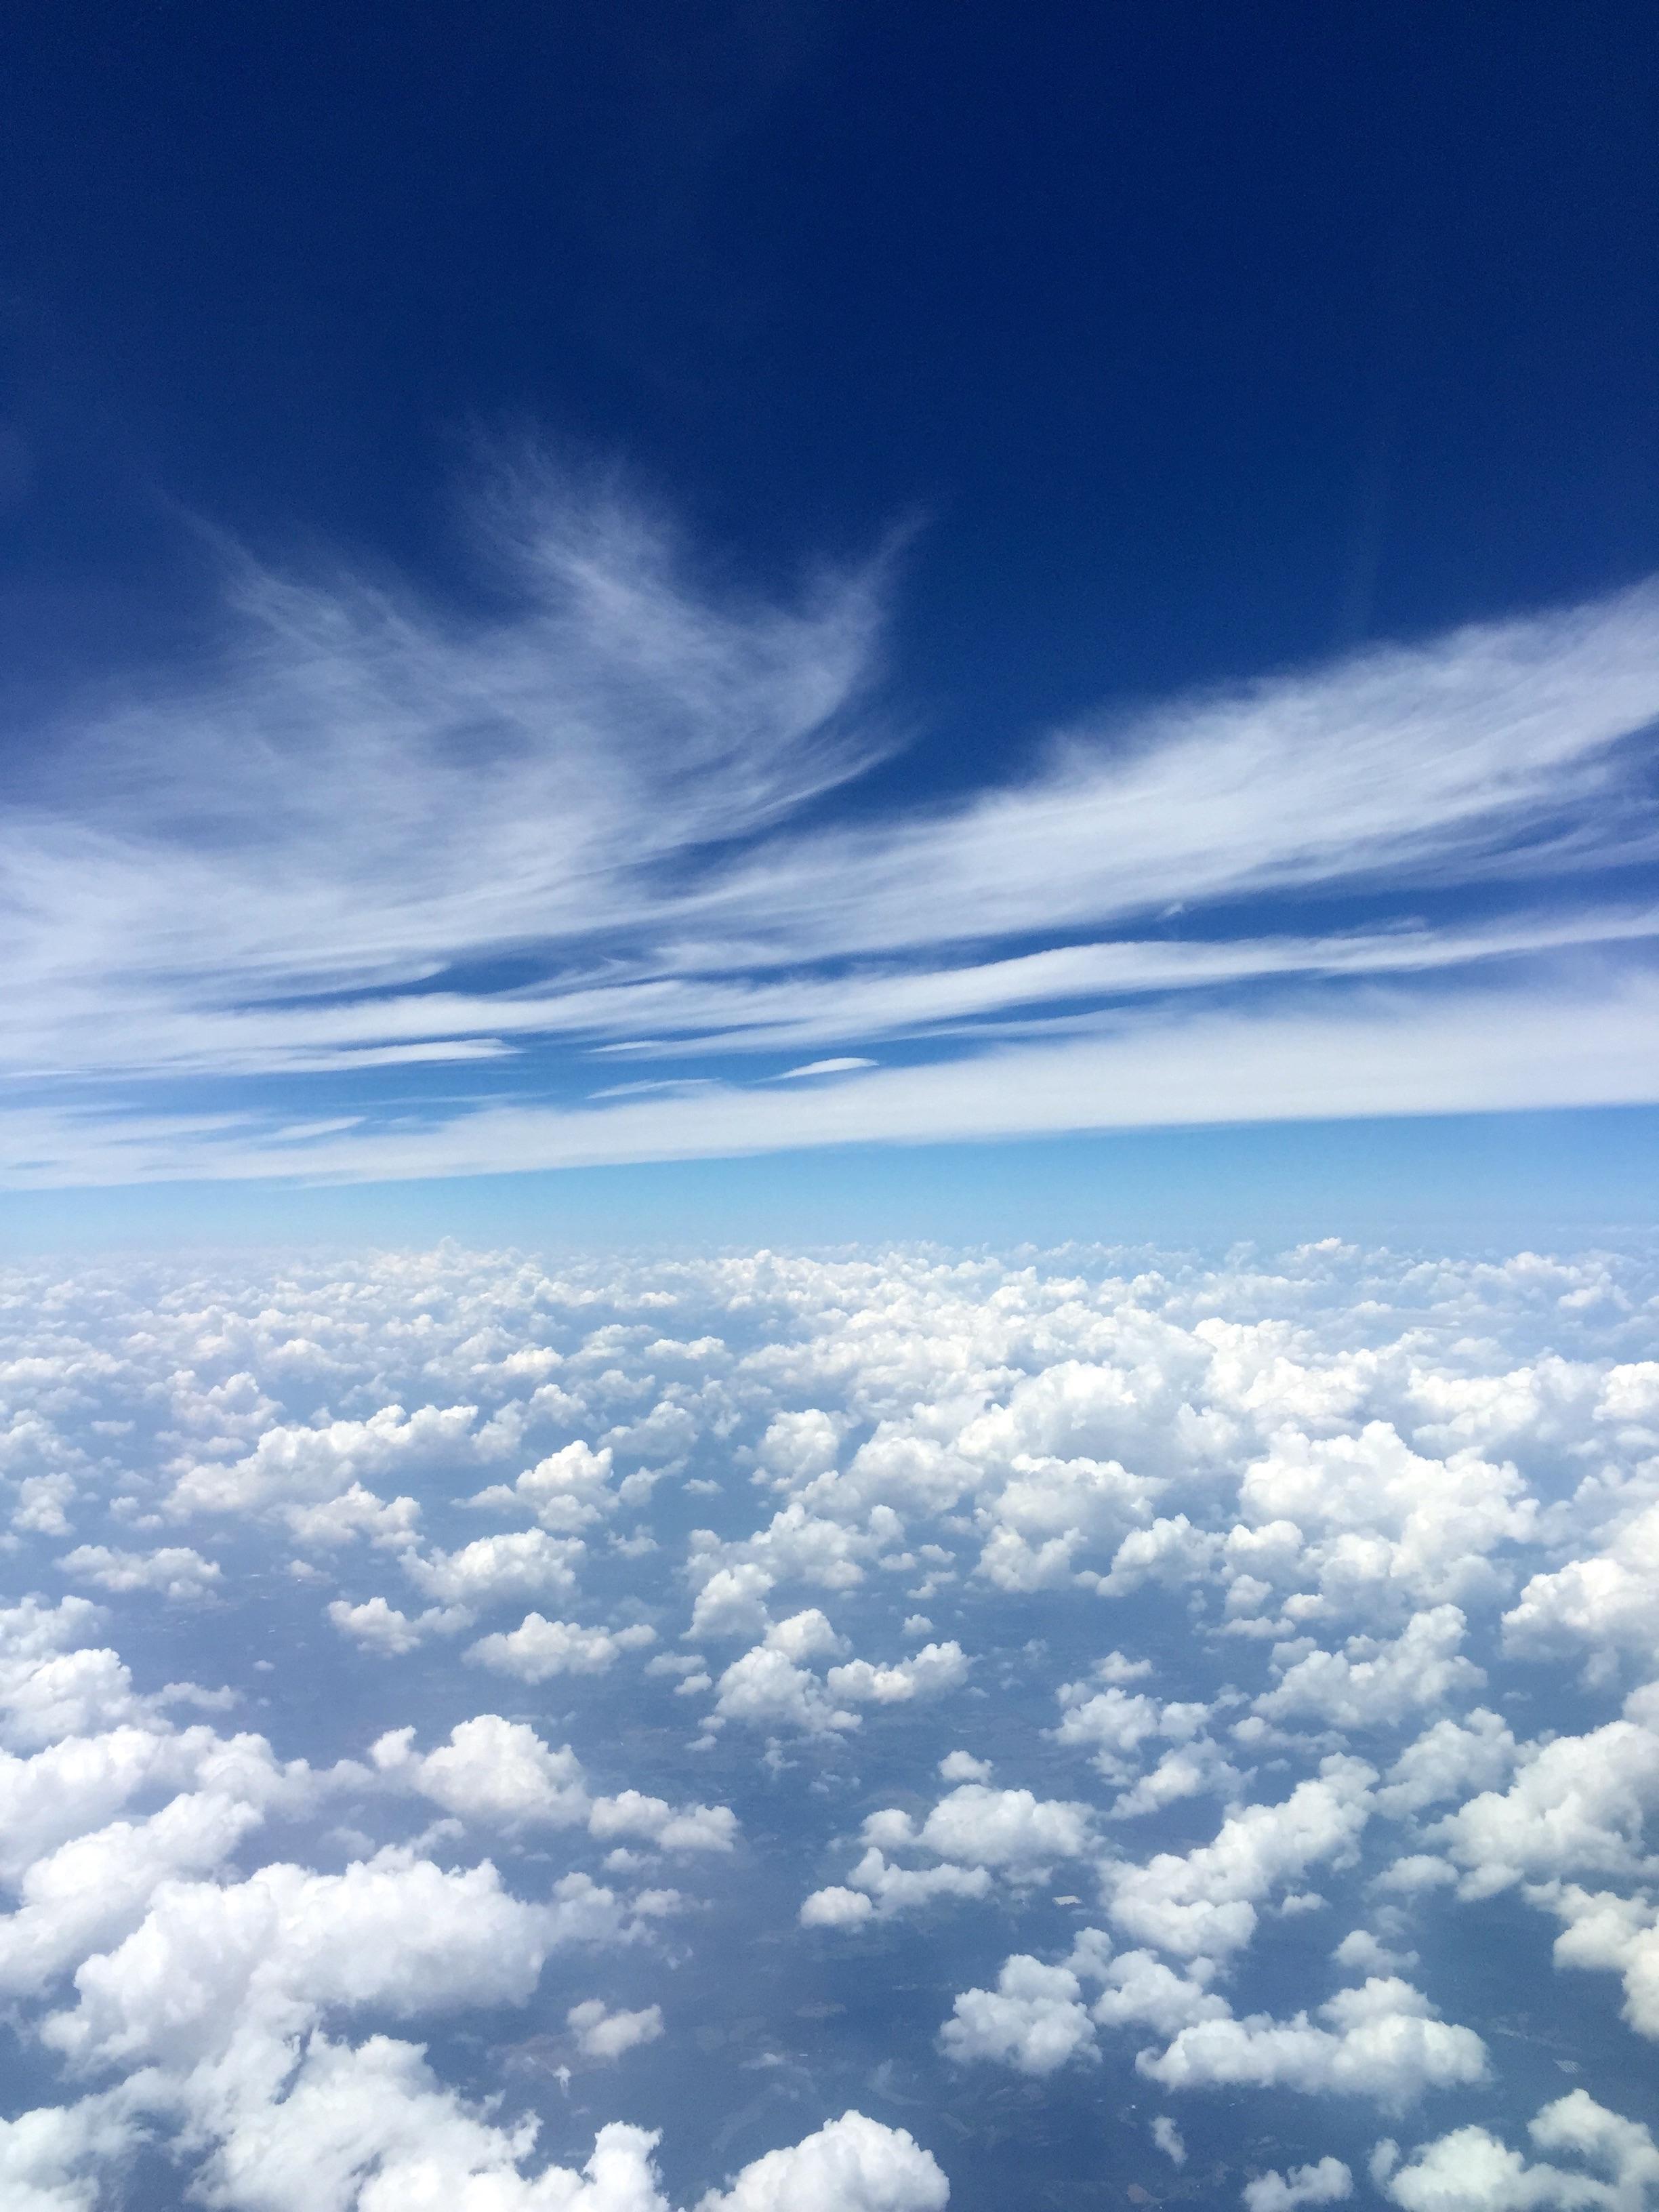 земля в облаках красивая картинка отпал сразу